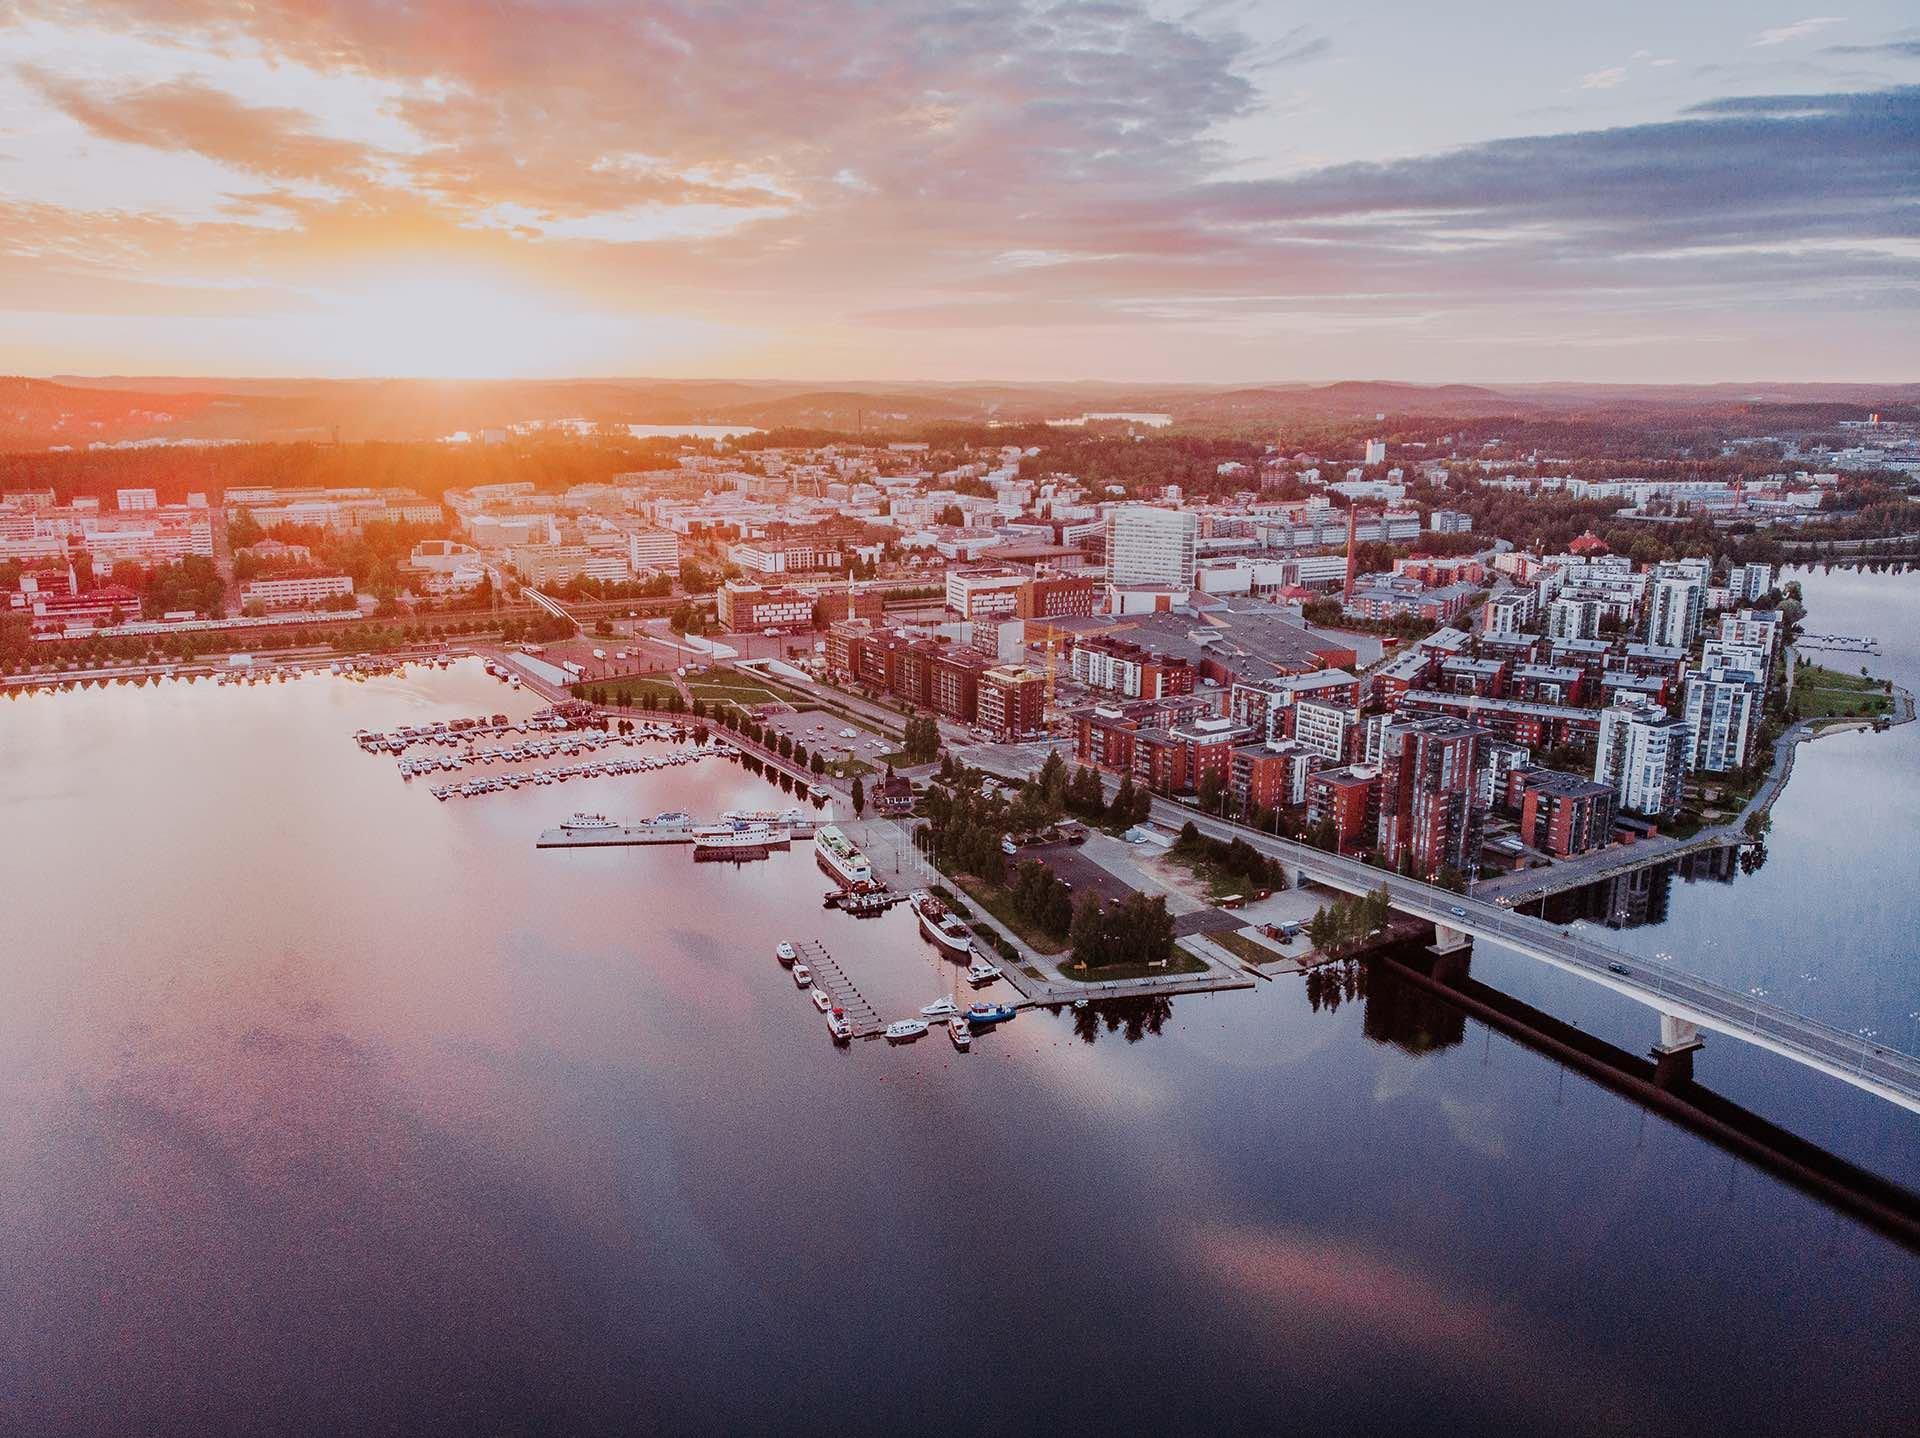 Finland_Jyväskylä_Satama_Julia_Kivelä_DJI_0550